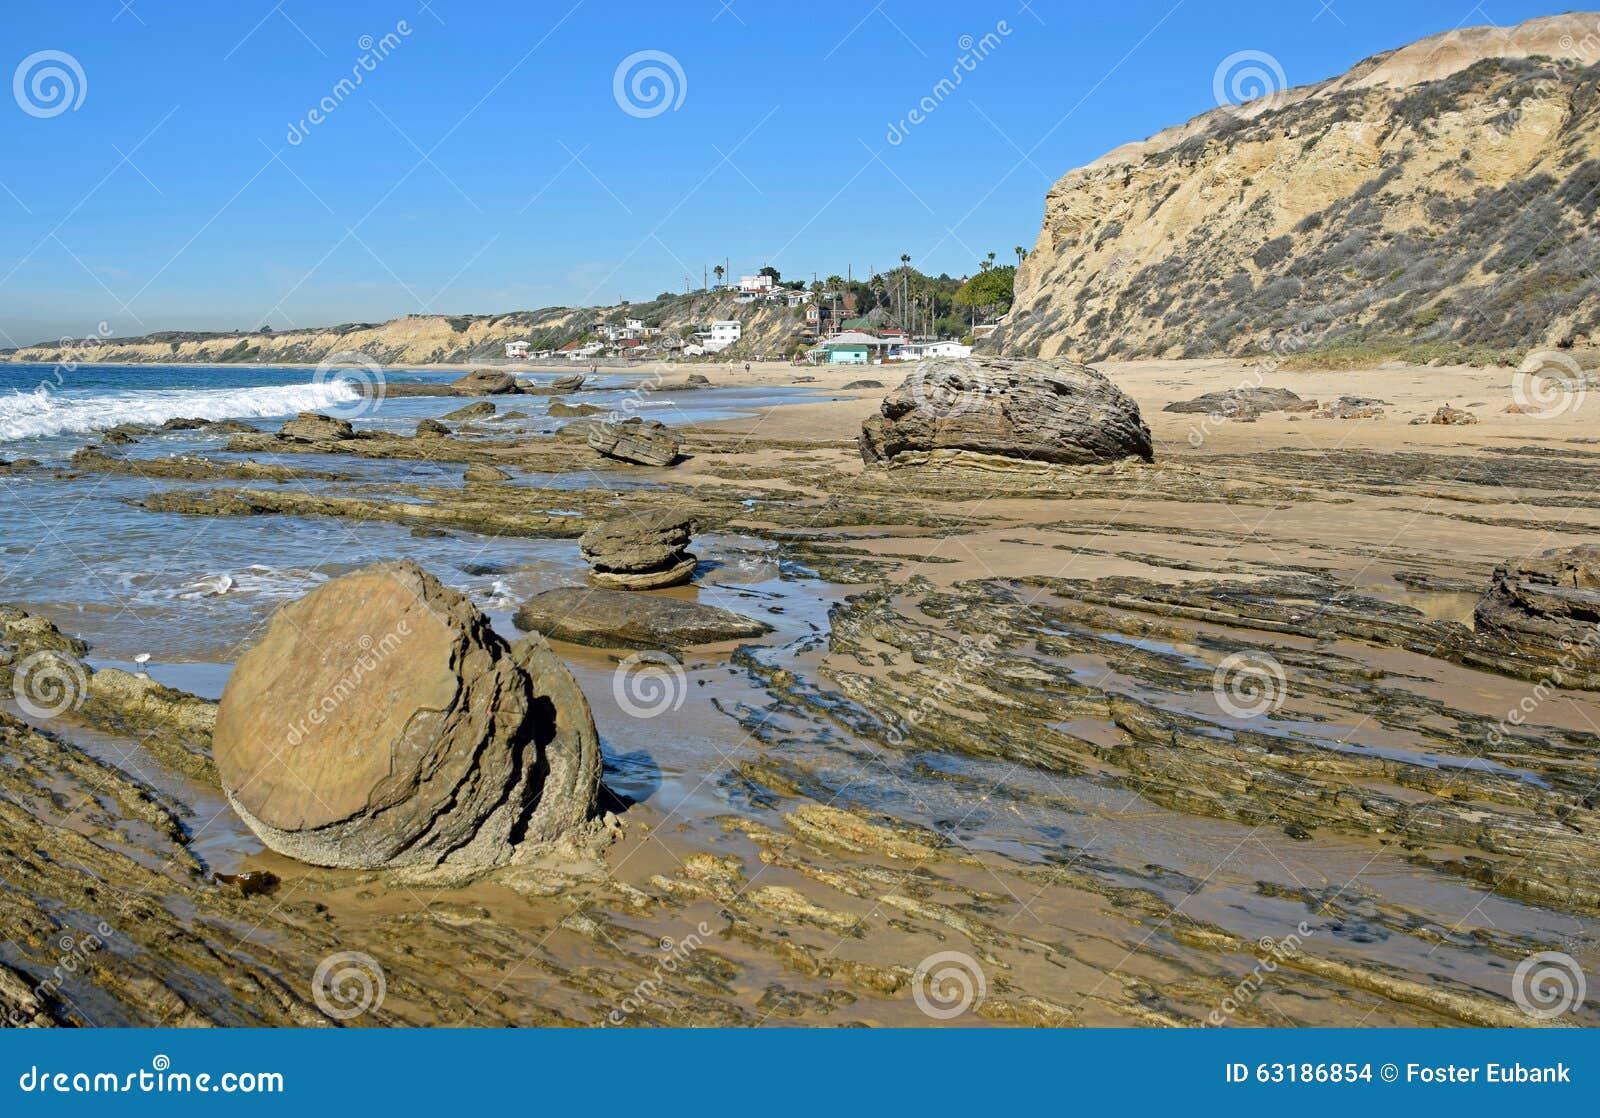 Kustlijn in Crystal Cove State Park, Zuidelijk Californië